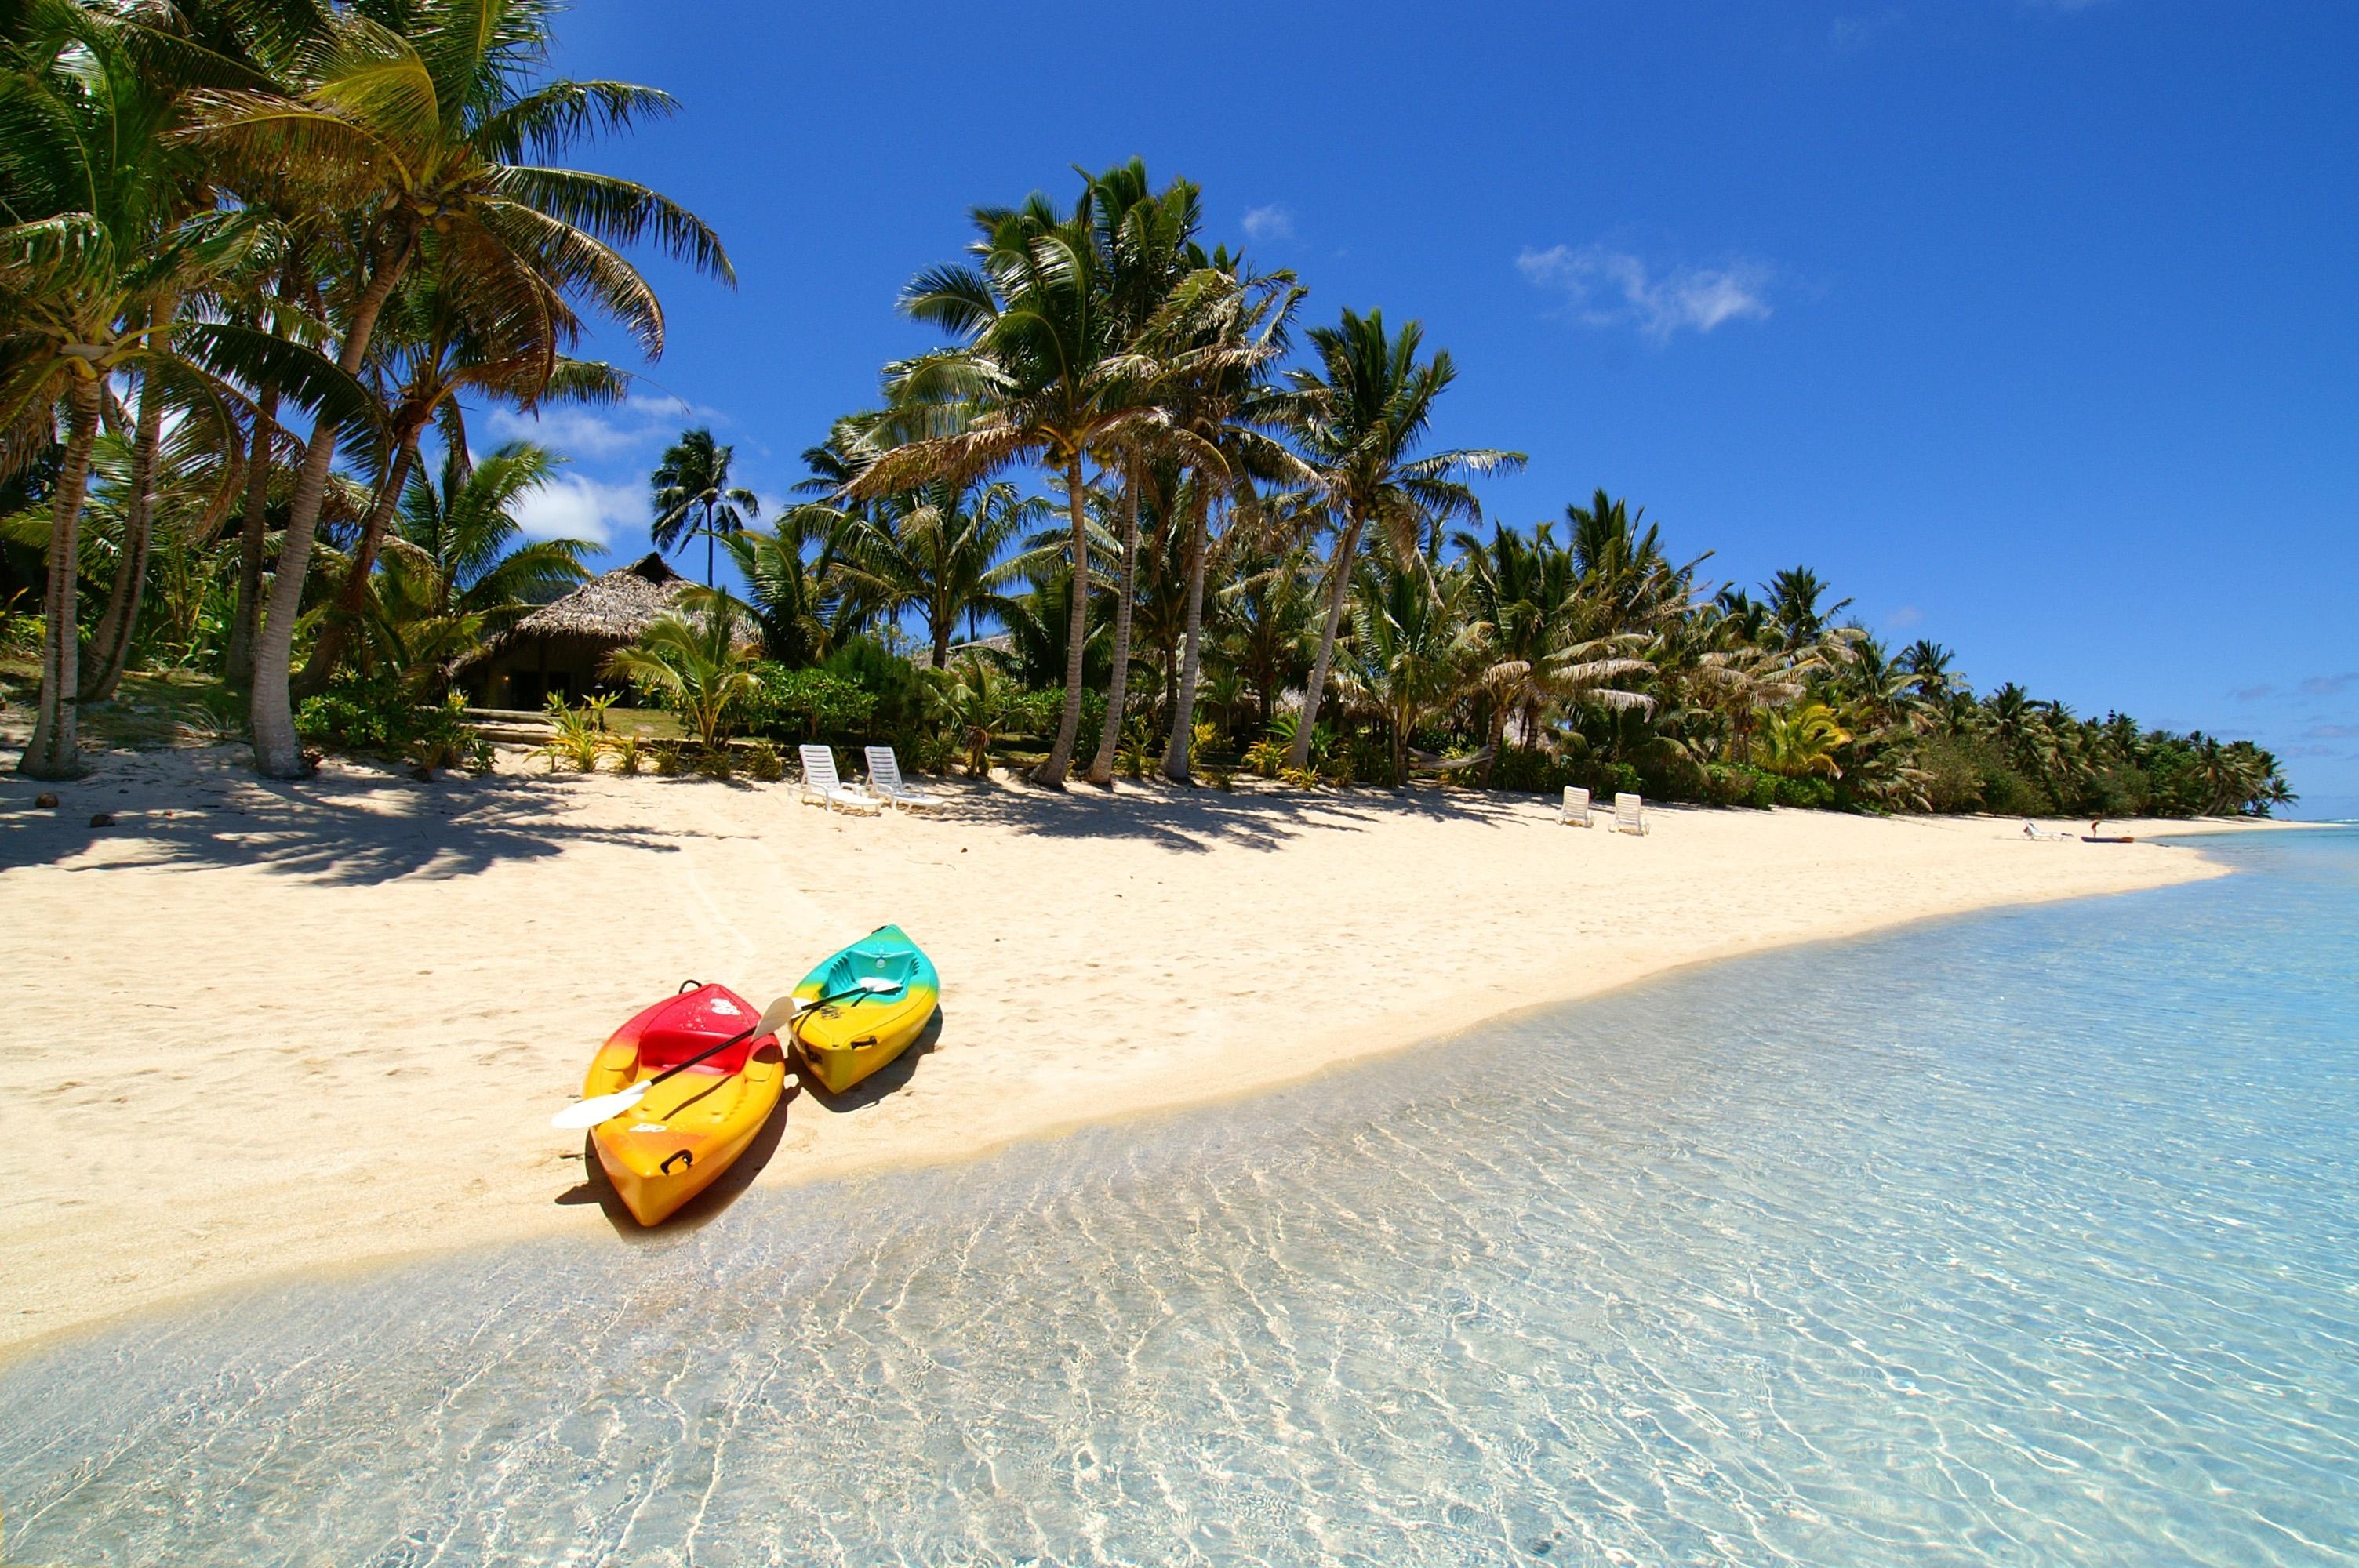 111614 Protetores de tela e papéis de parede Praia em seu telefone. Baixe Praia, Natureza, Palms, Um Barco, Barco, Trópicos, Maldivas fotos gratuitamente